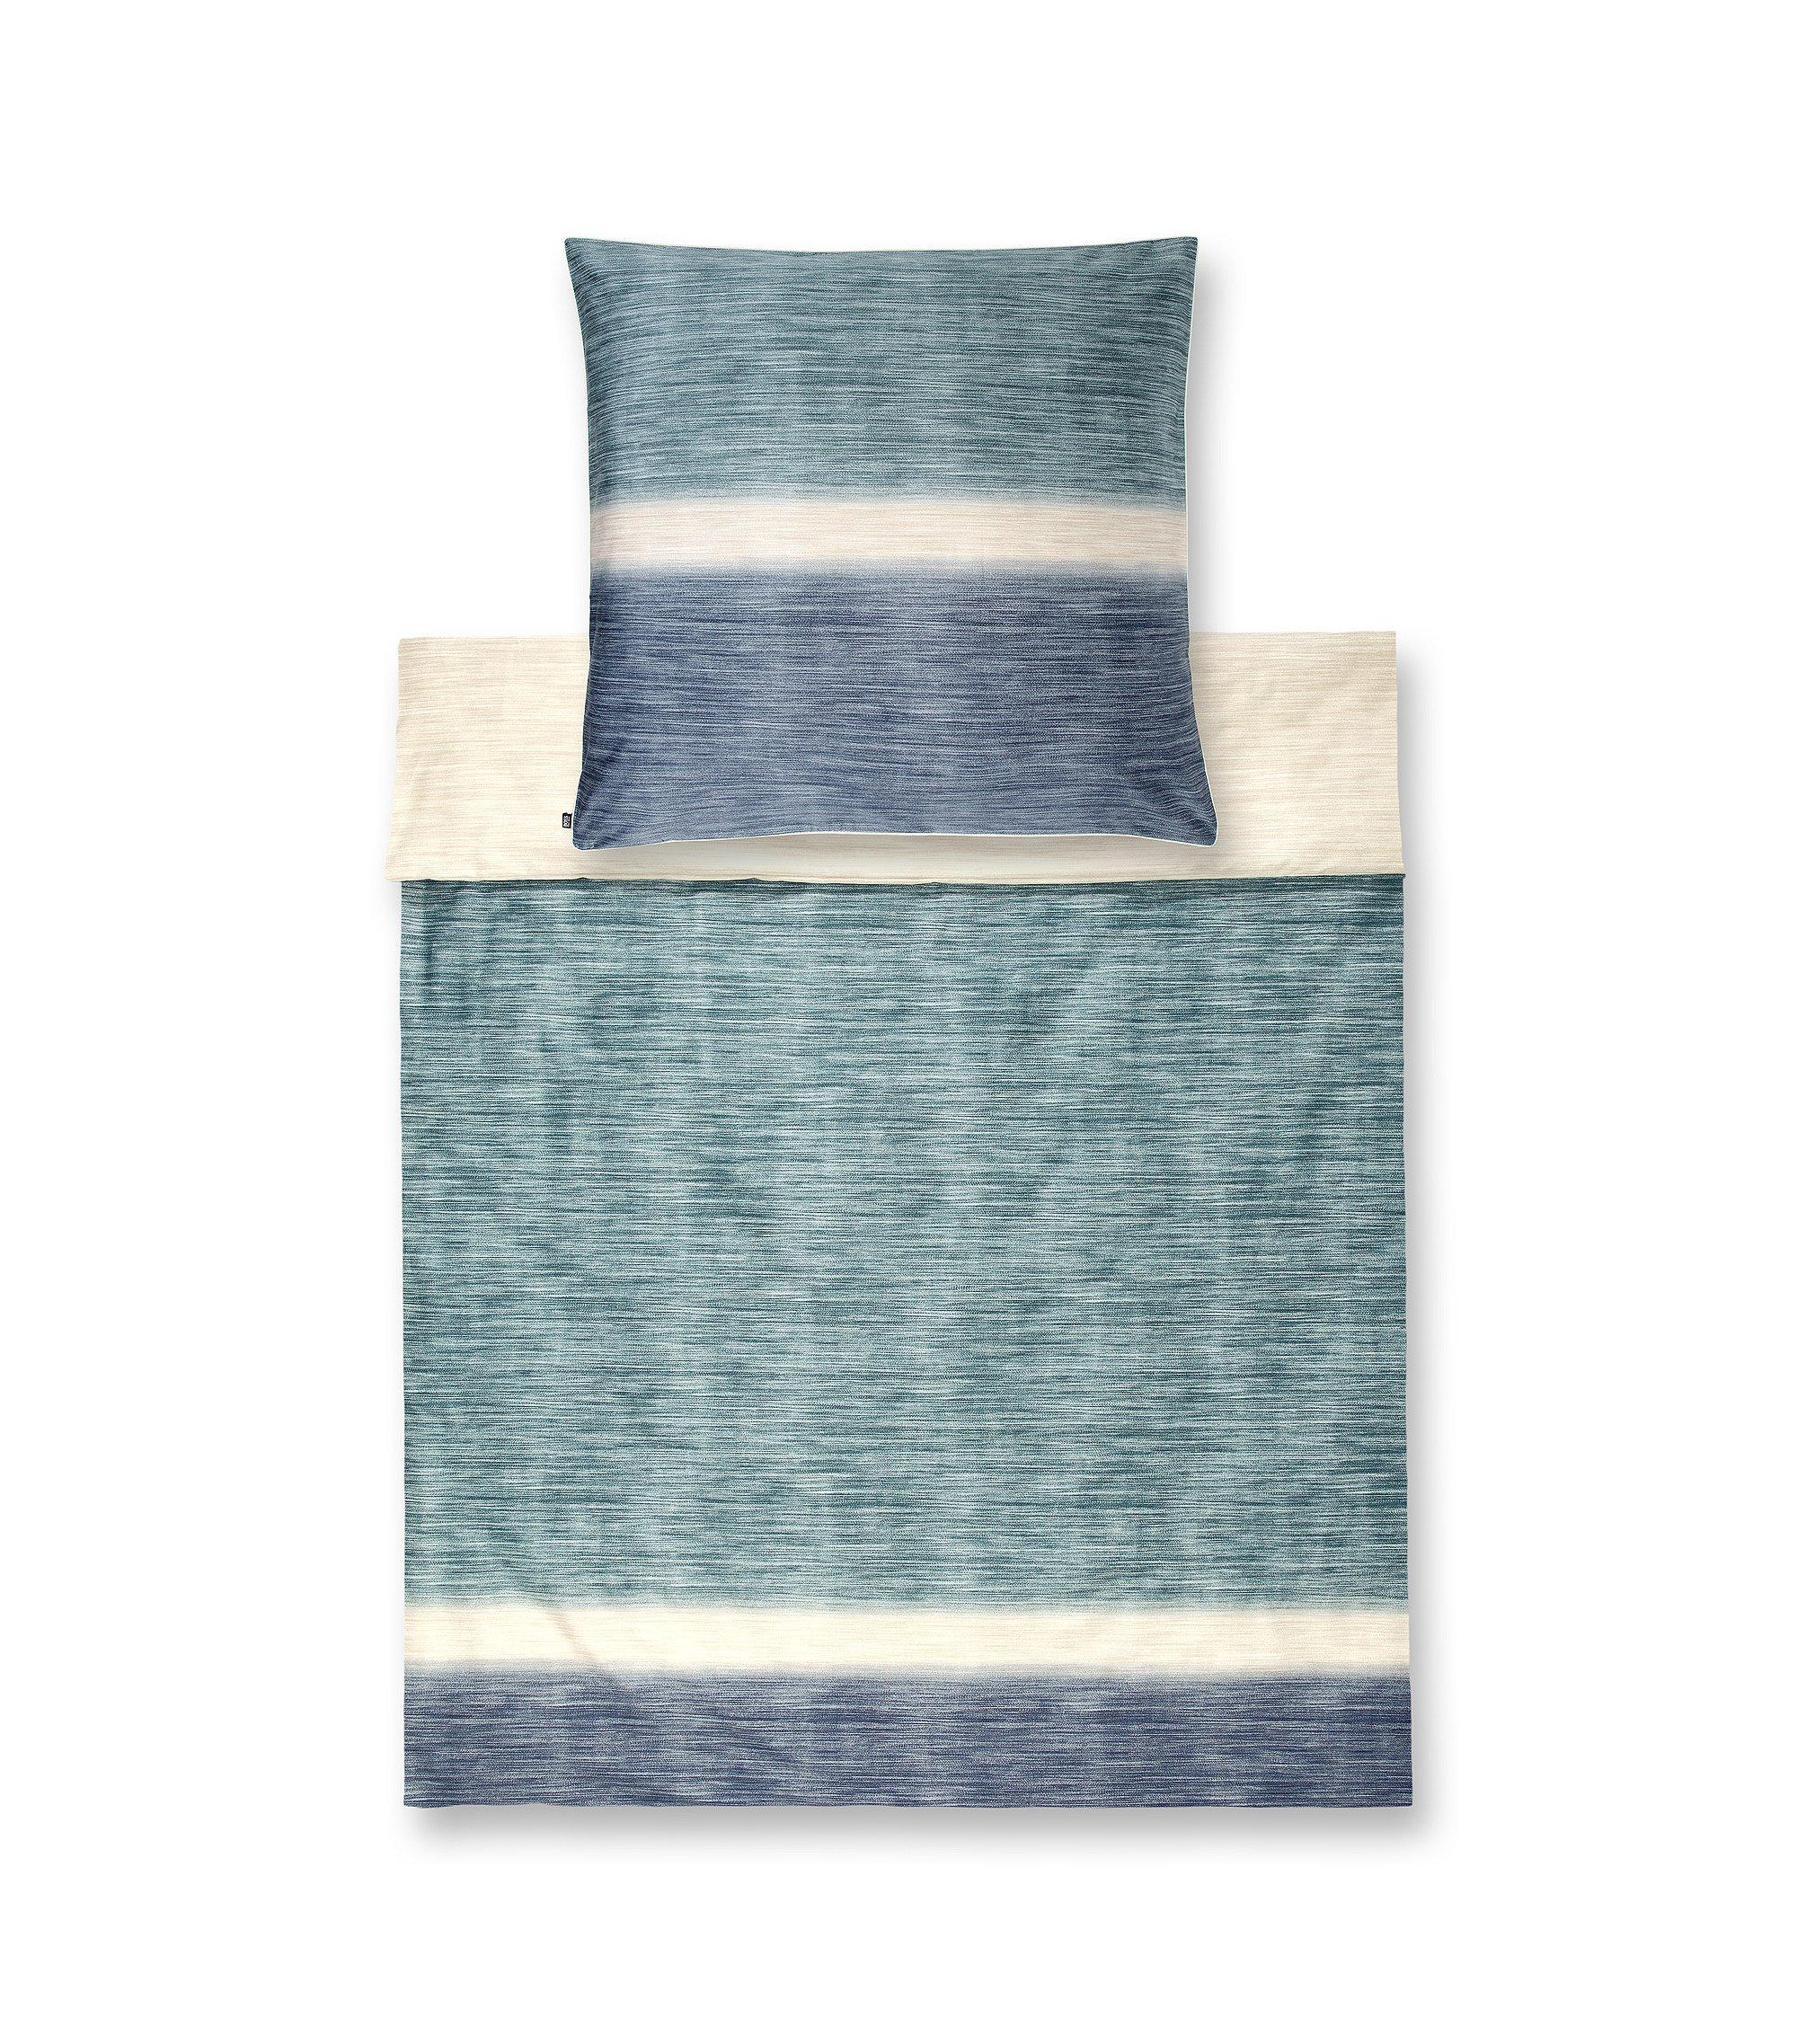 Bettdeckenbezug ´SWELL` aus Baumwollsatin, Blau